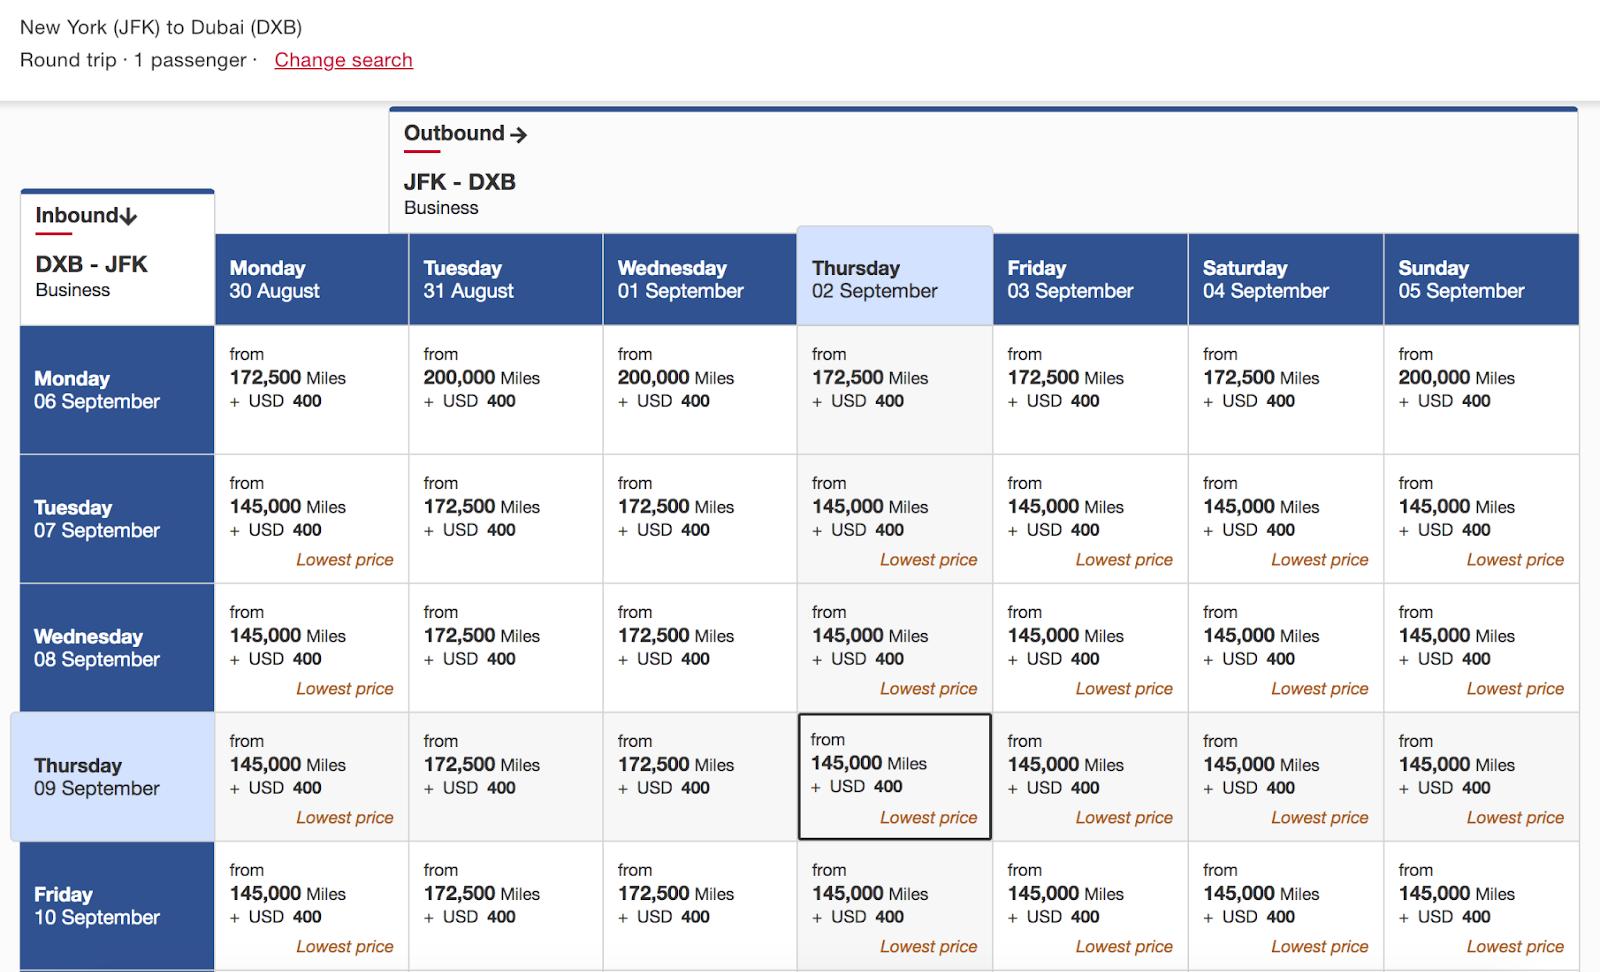 Round-trip itinerary